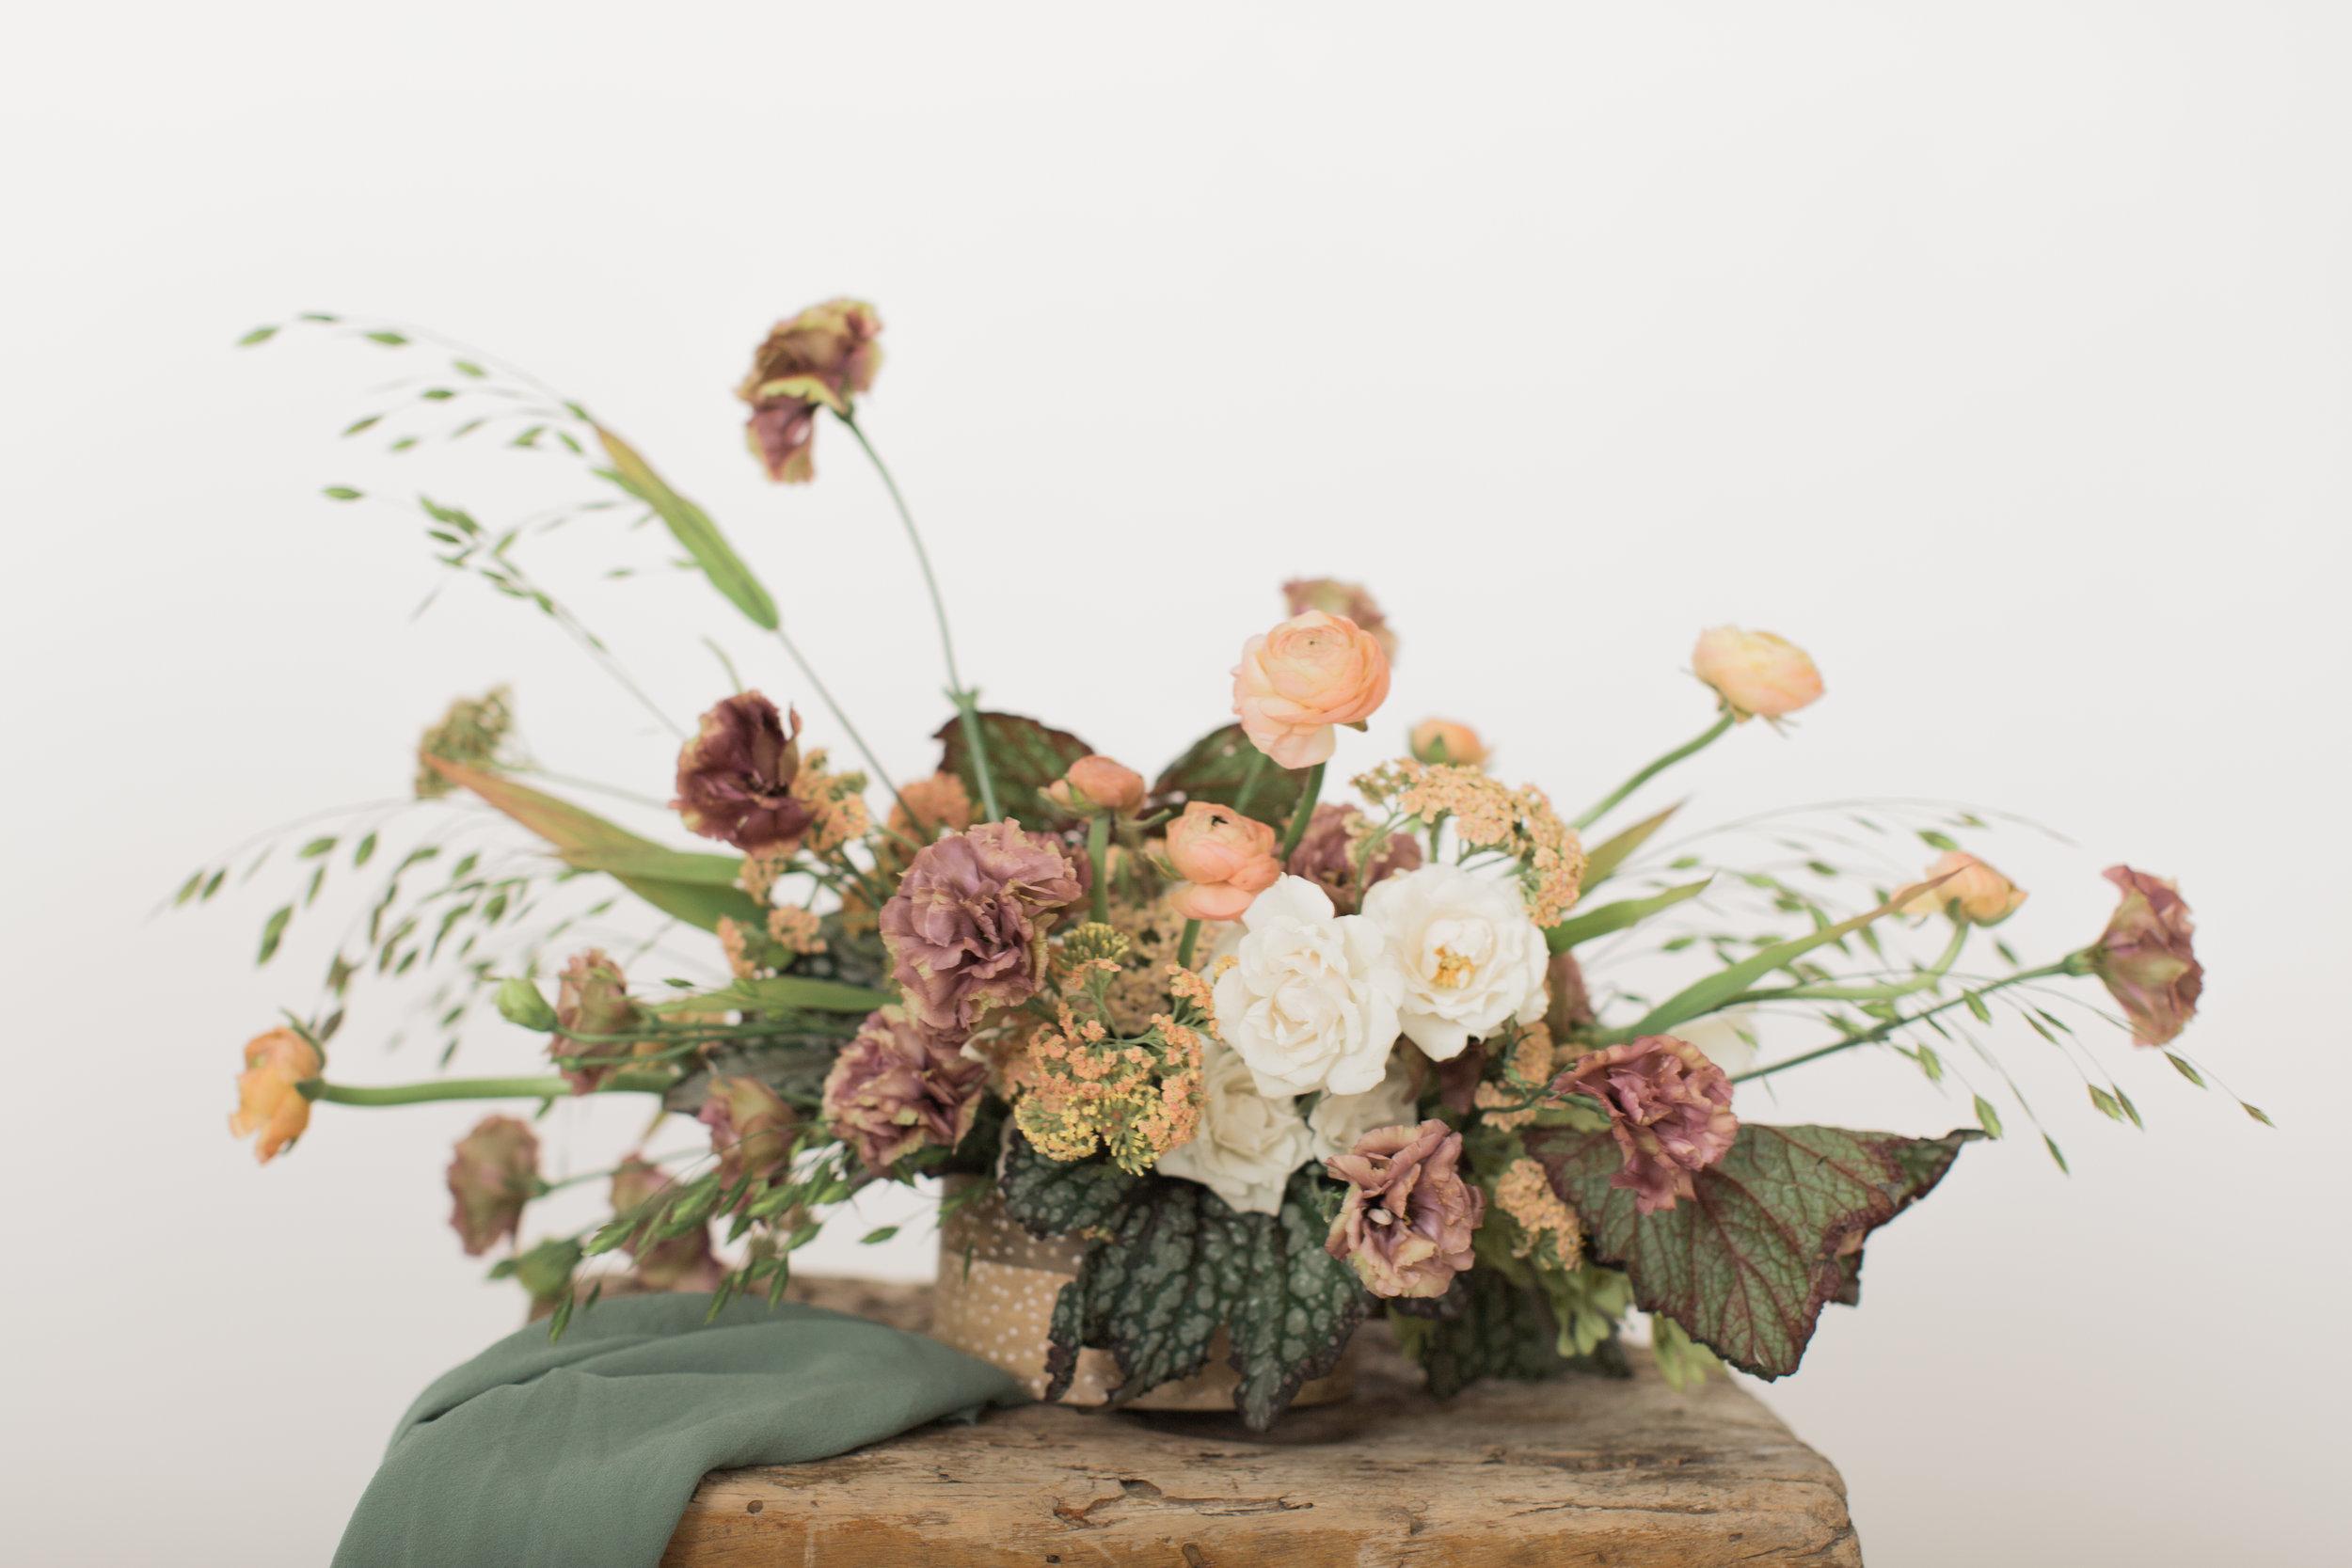 sustainable_wedding_florals.jpg